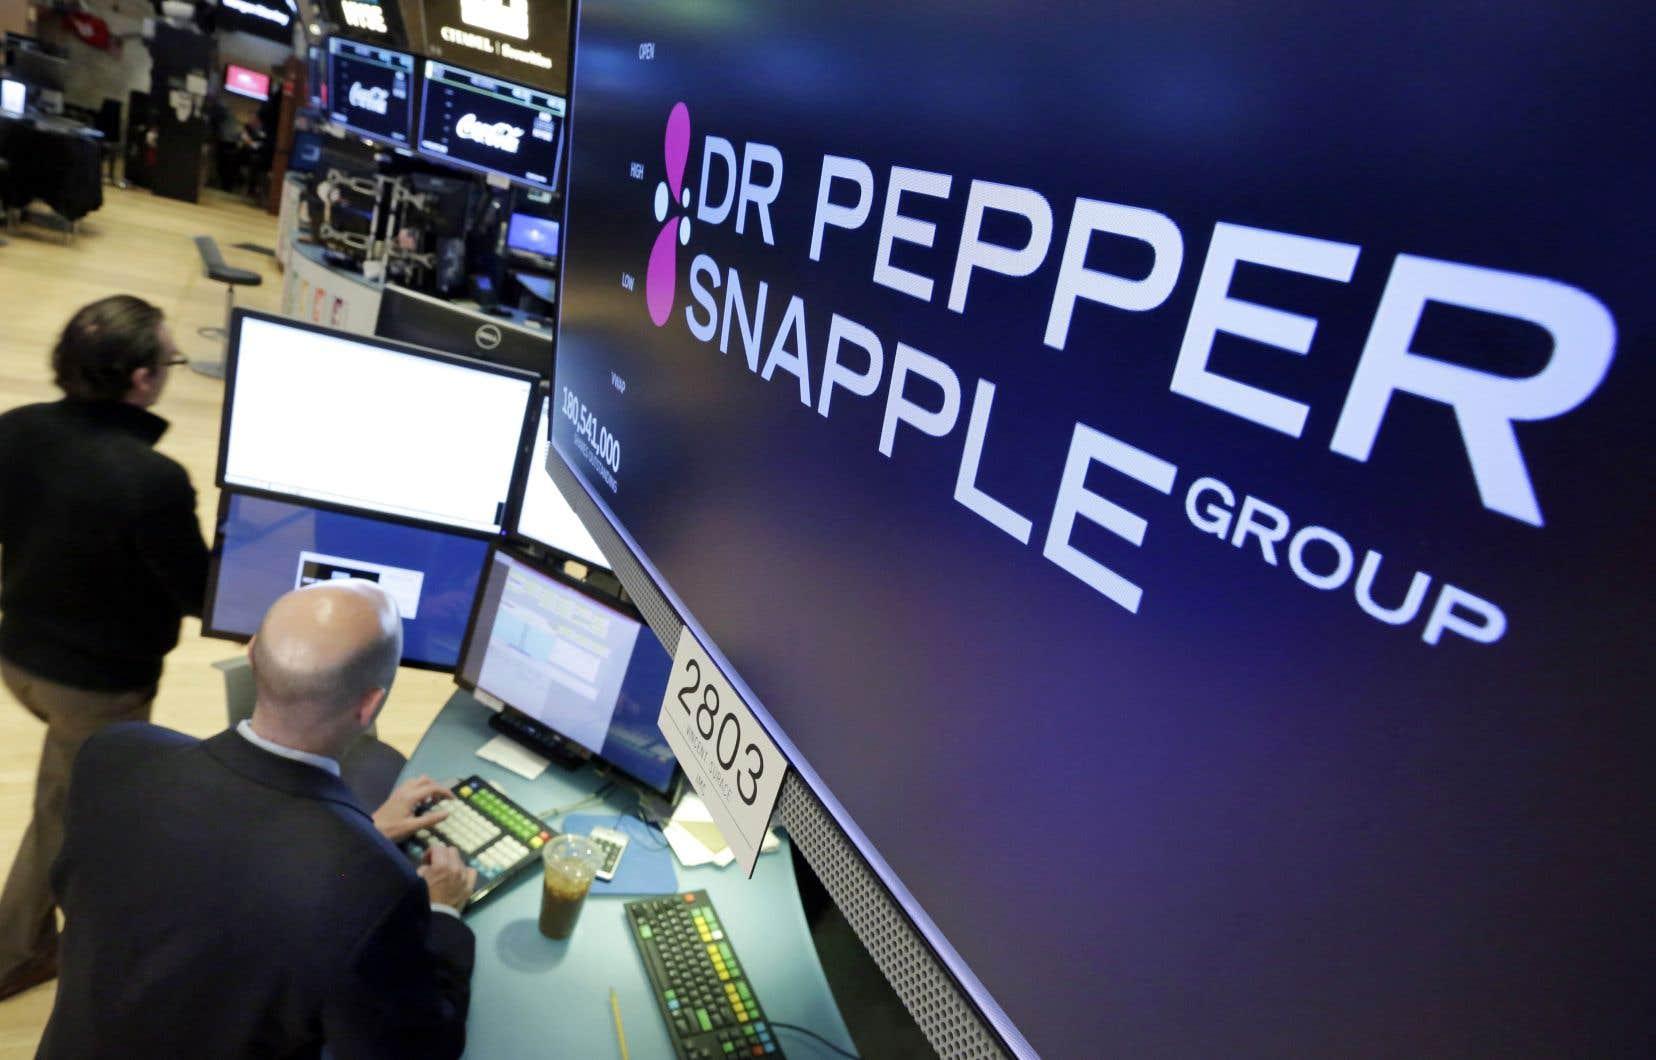 L'acquisition du groupe Dr Pepper par Keurig crée un géant des boissons avec des ventes annuelles de quelque 11 milliards $US.